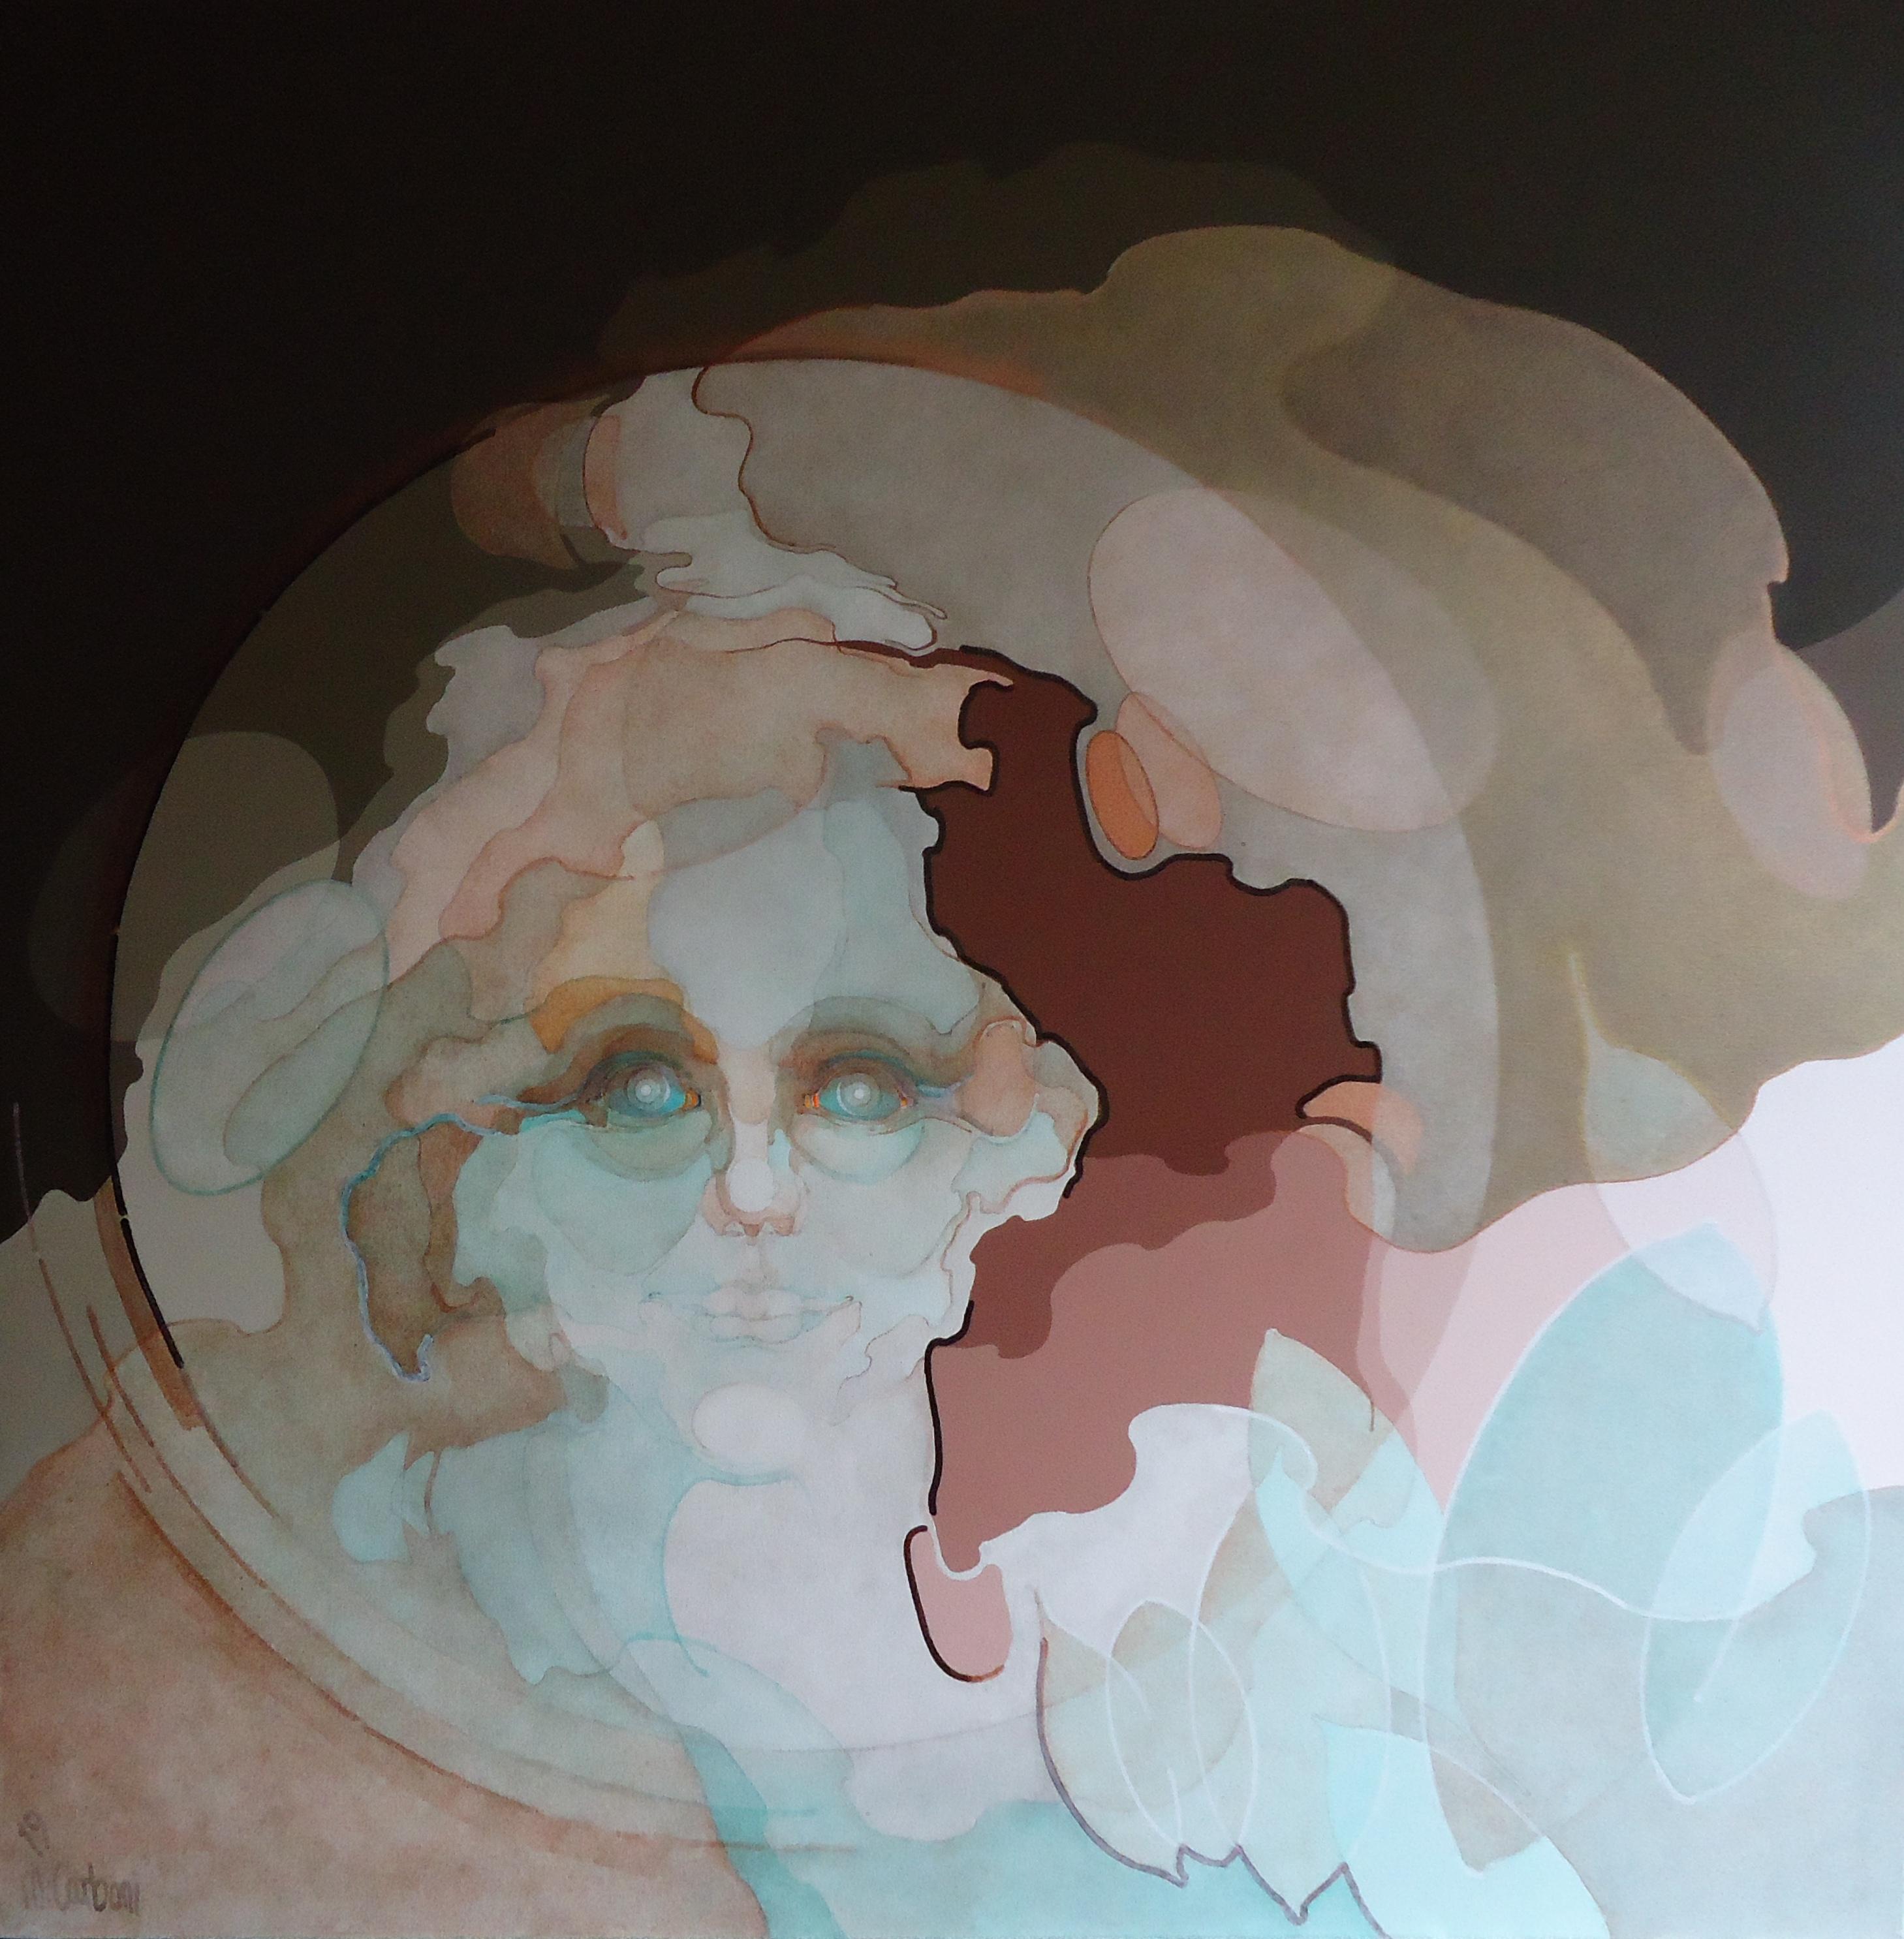 Ninfa della corteccia 2019, acrilico su tela, 100x100cm